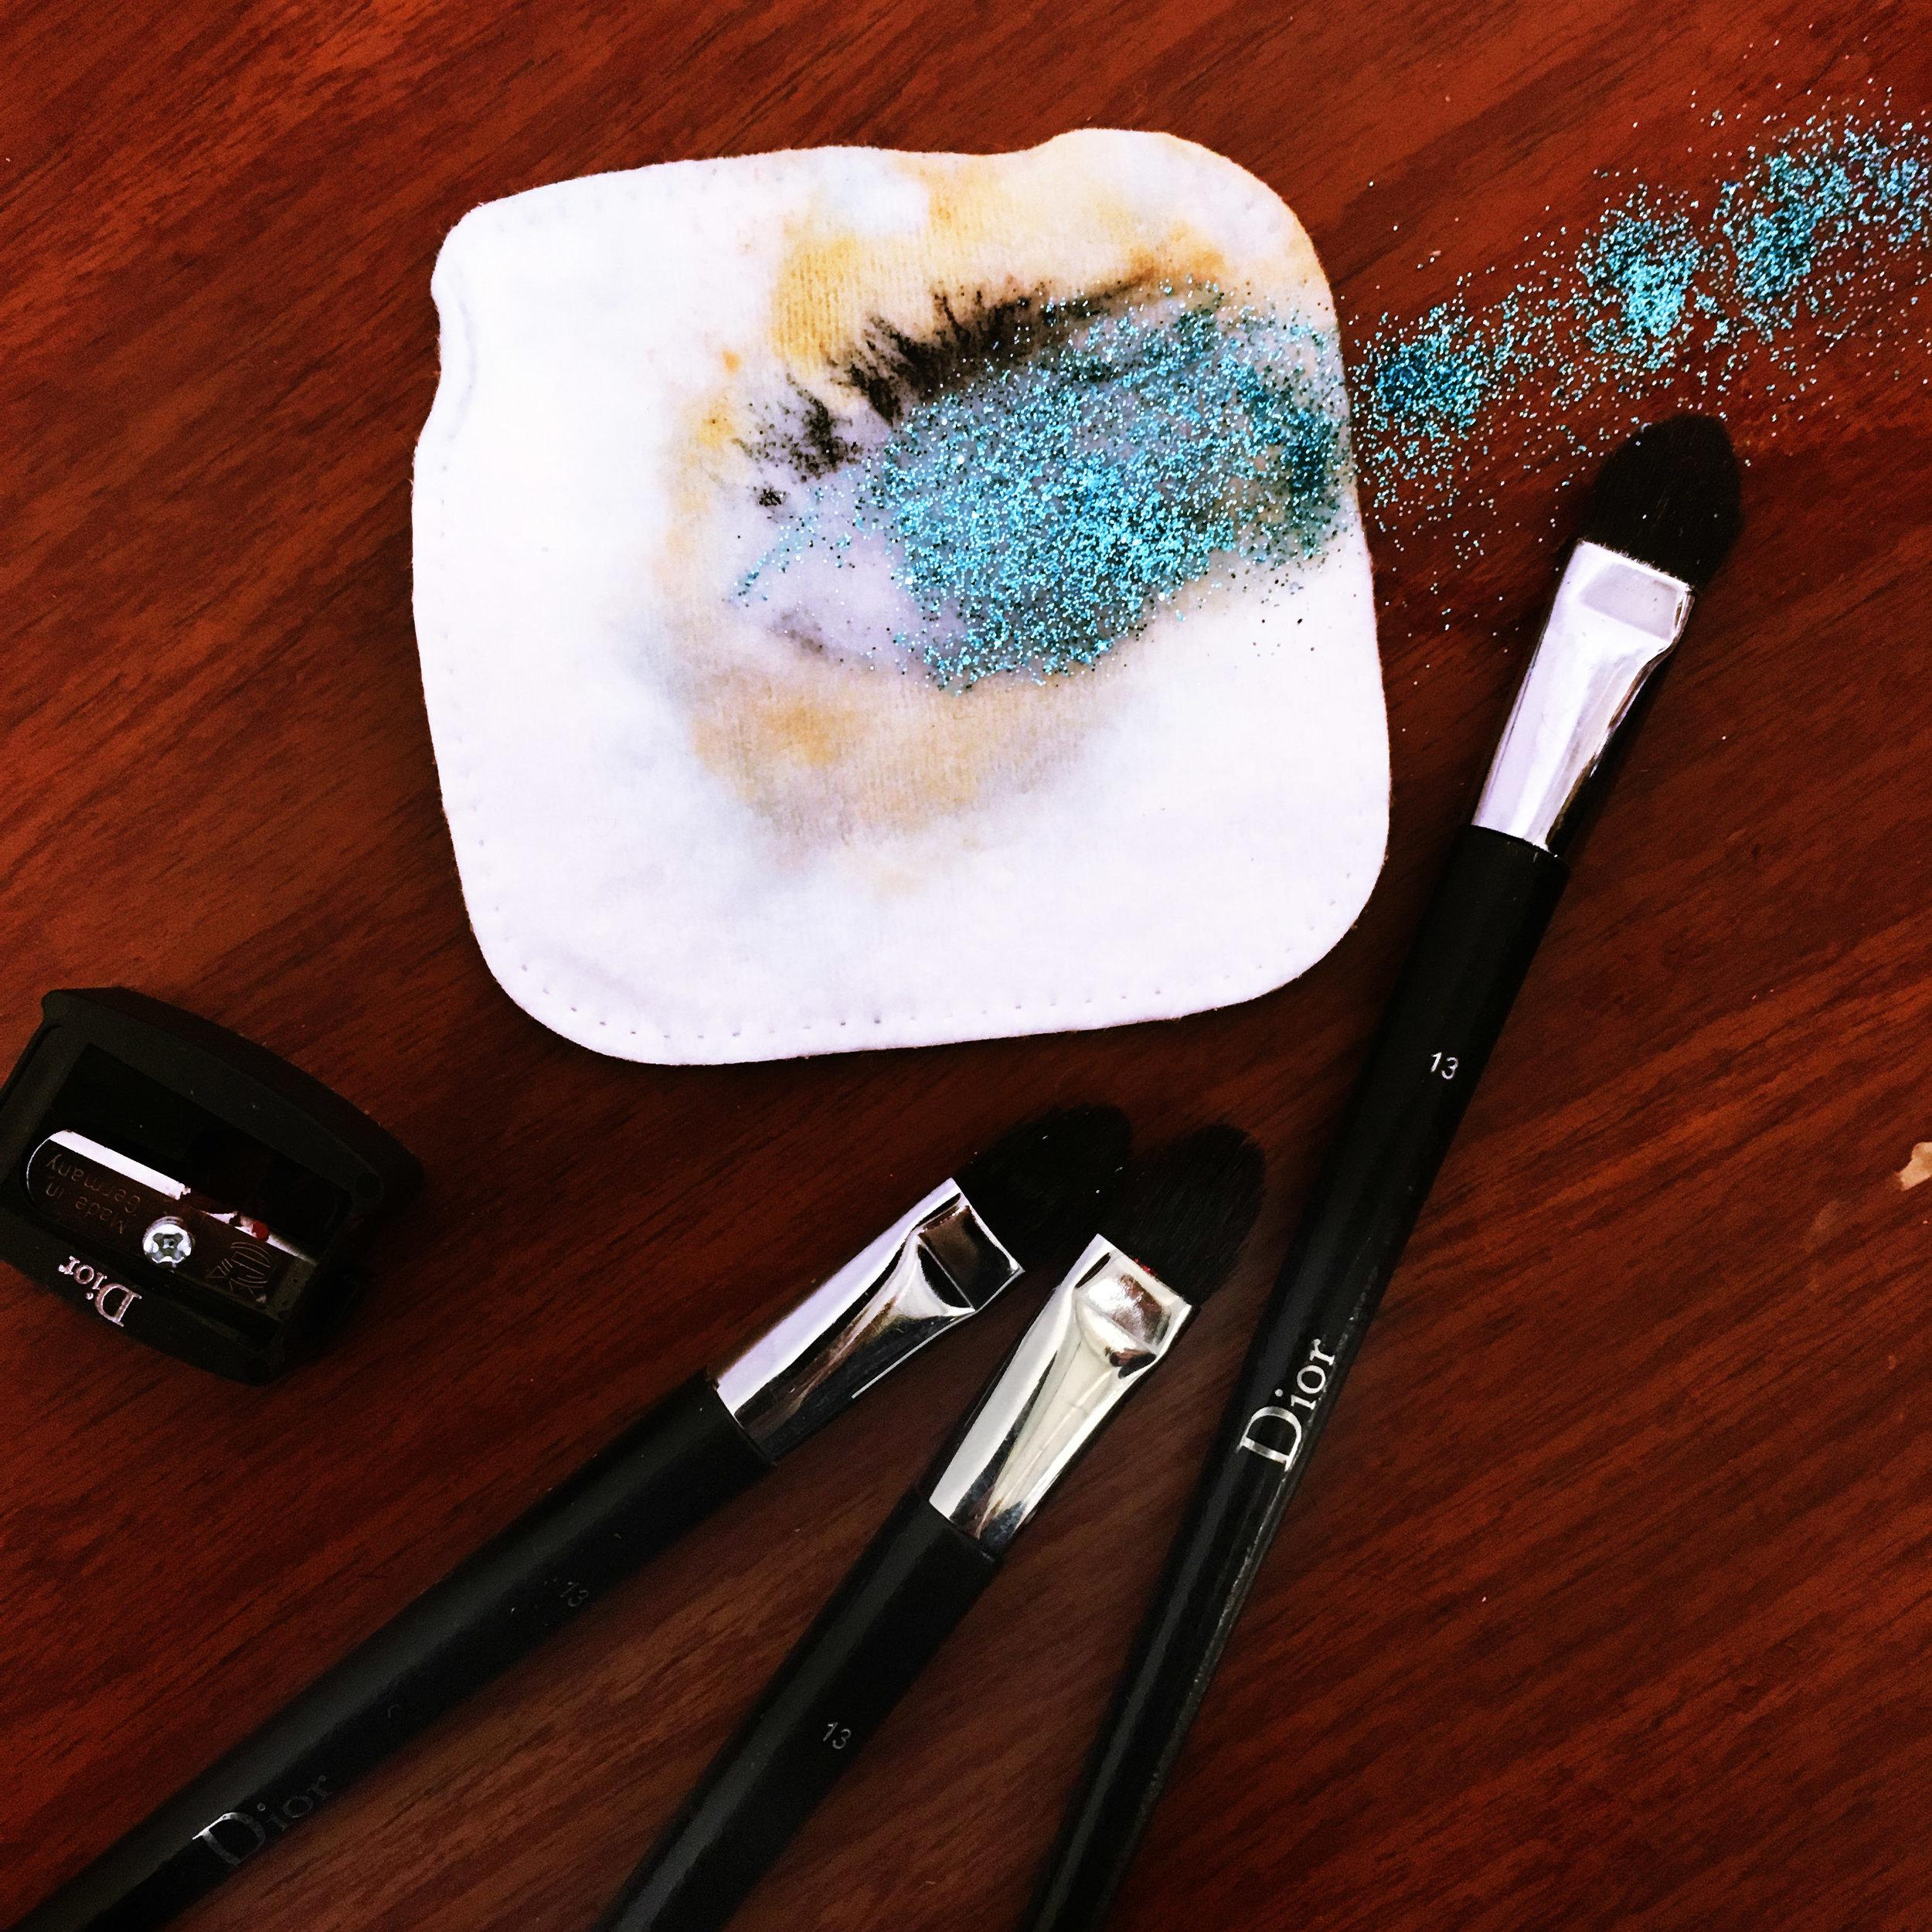 """"""" Flow My Tears, Said The Make Up Artist """". #backstage #makeup #dior #glitter @mathieumakeup @dorien.pauwels @onziemelieu"""